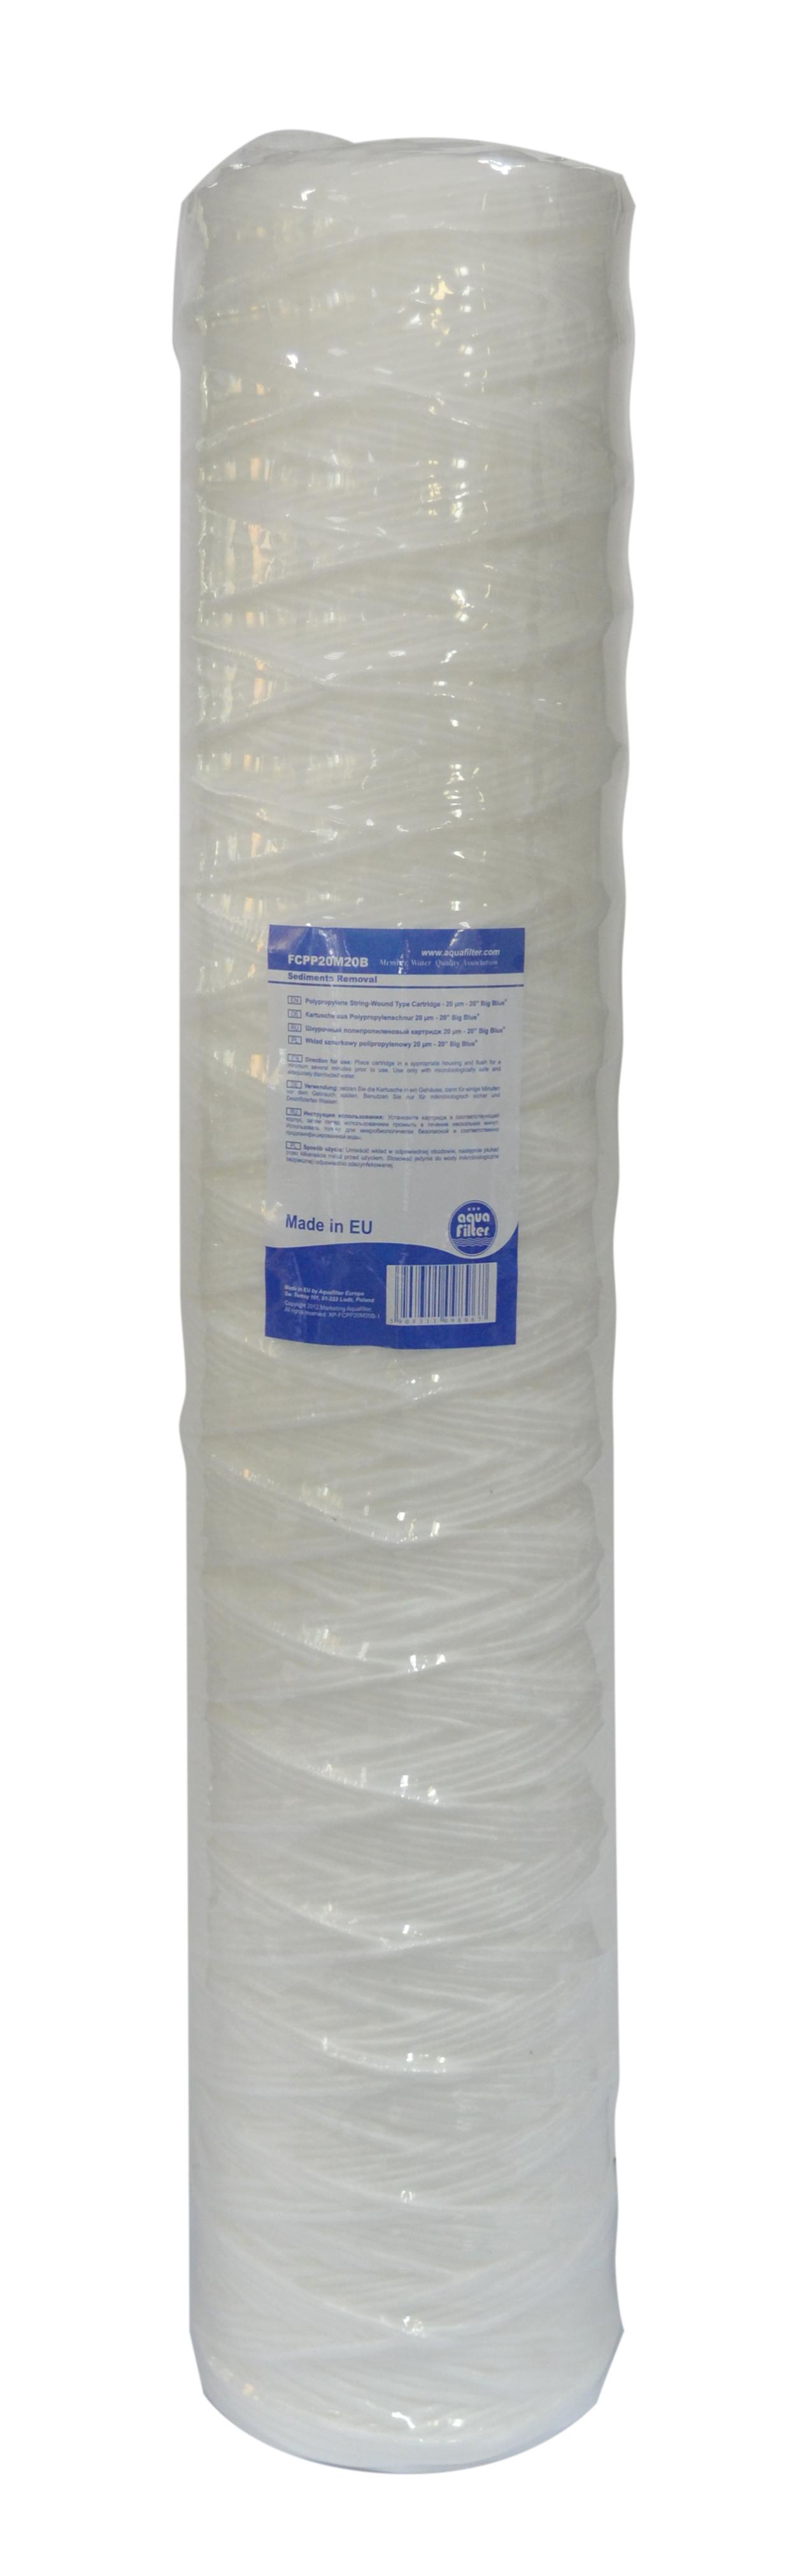 Aquafilter Fcpp20m20b